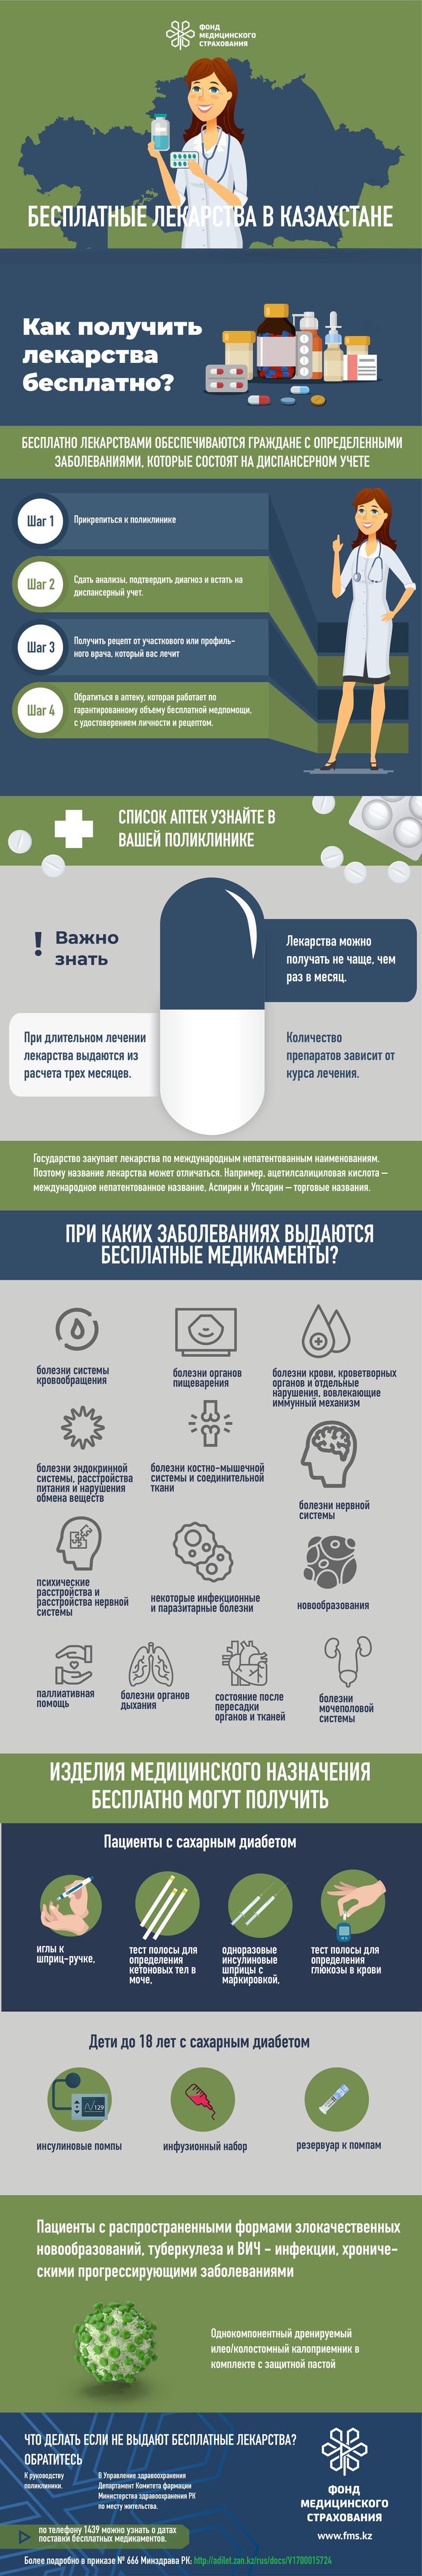 Новости Атырау - Для подтверждения получения бесплатных лекарств минздрав РК разошлет сообщения